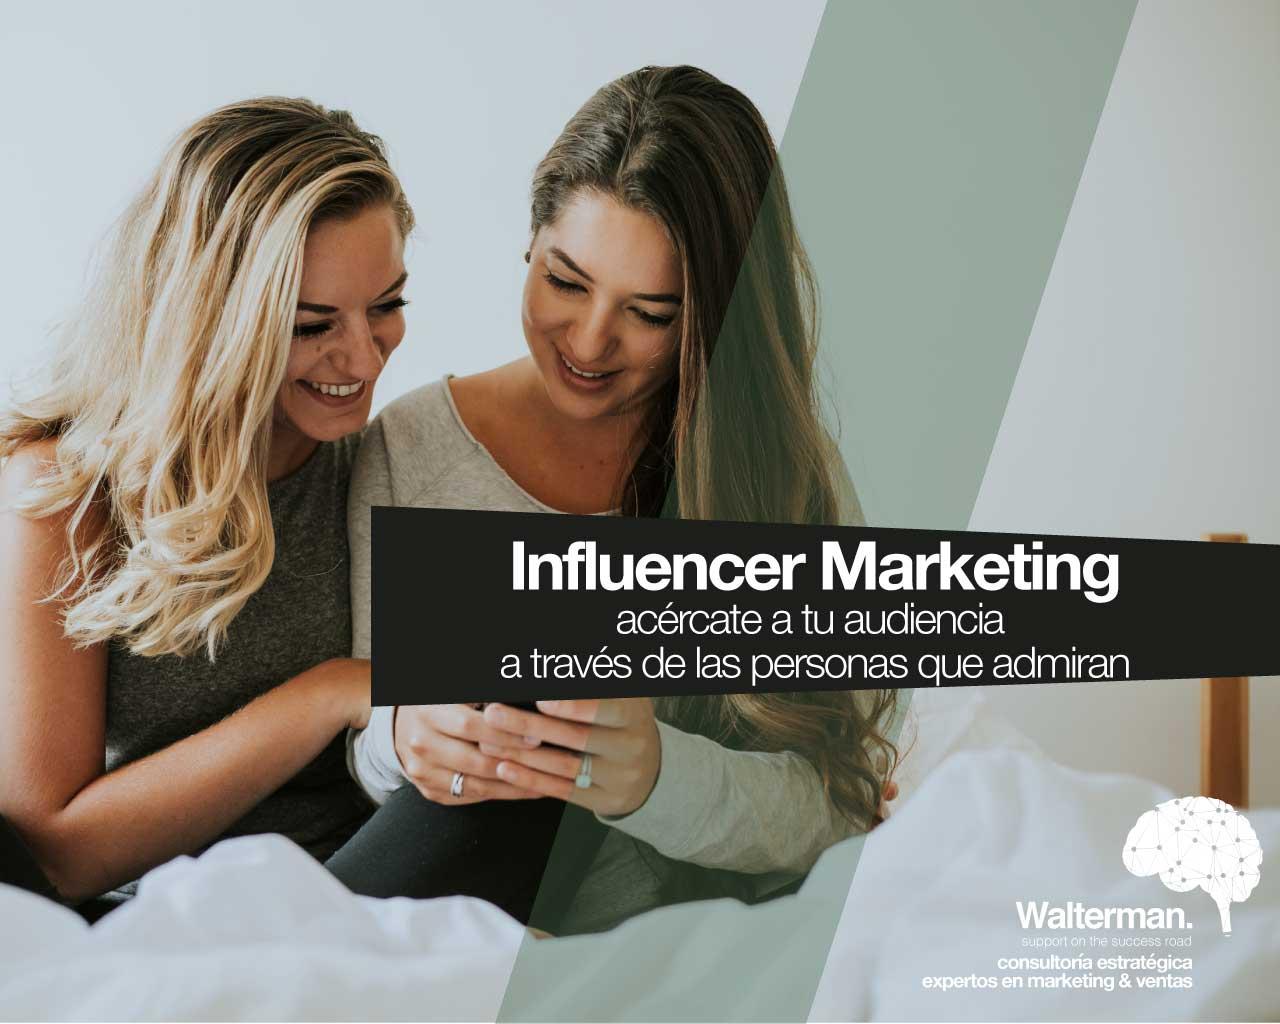 agencia de influencer